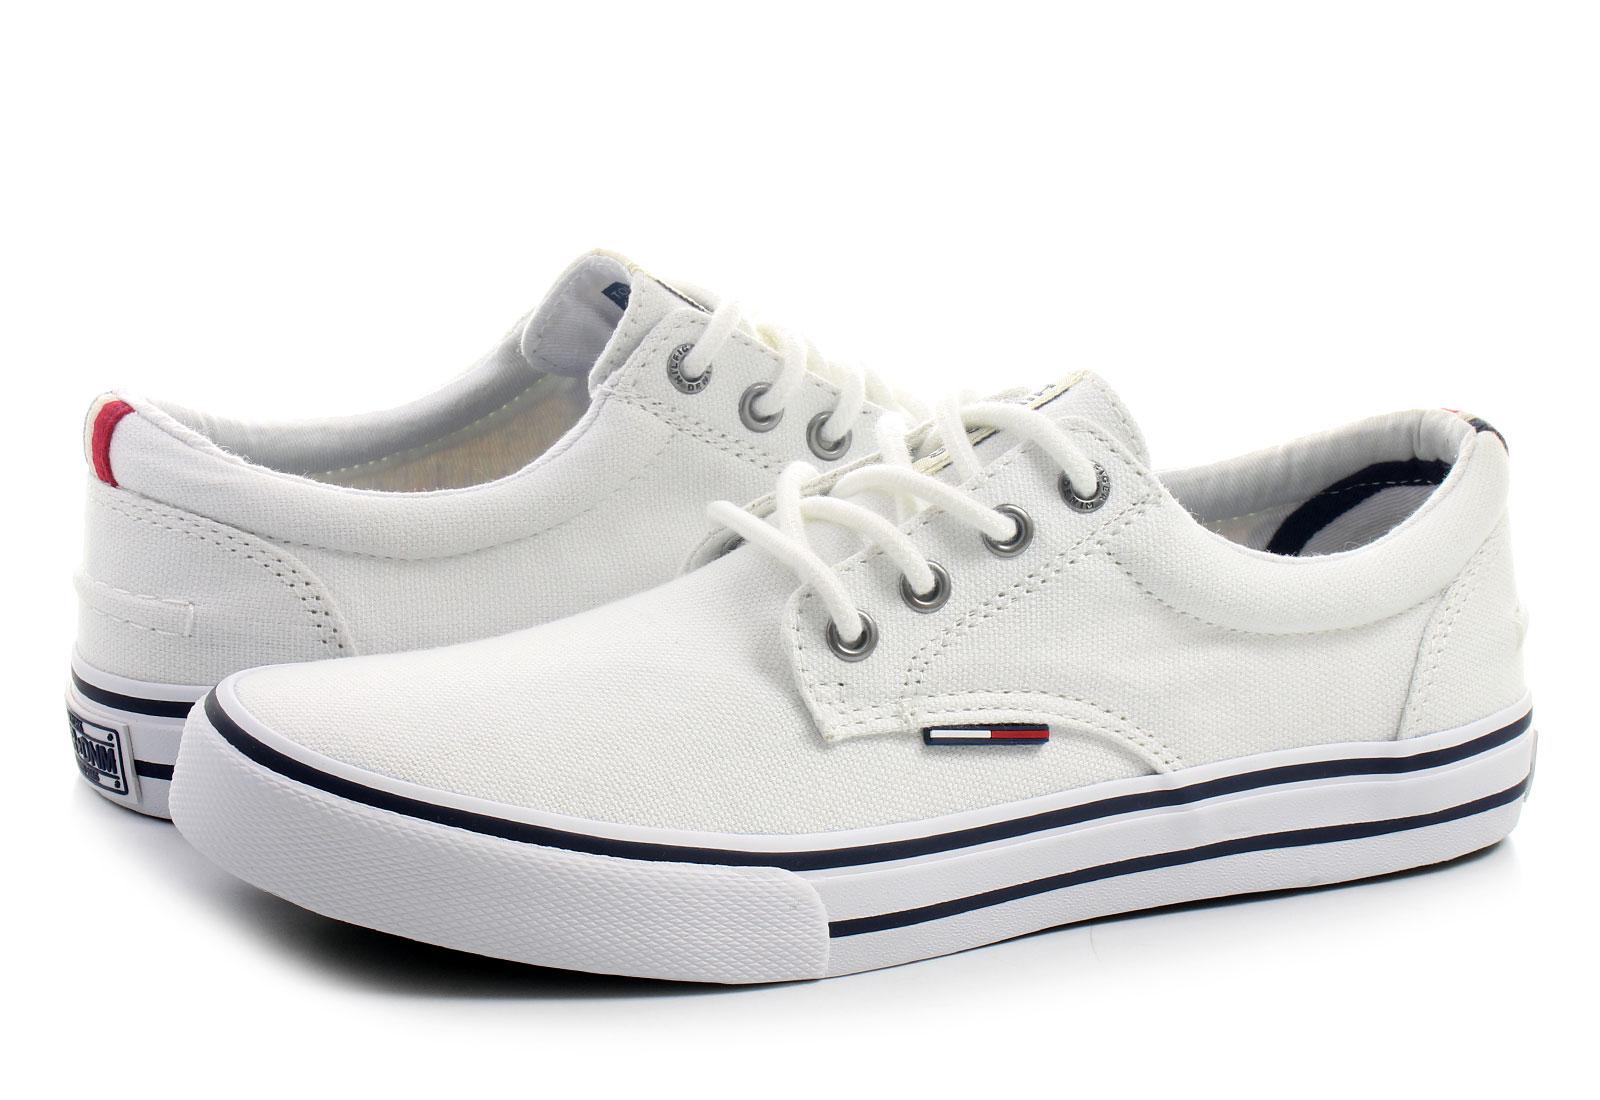 Tommy Hilfiger Cipő - Vic 1d 1 - 16S-0815-100 - Office Shoes ... 924689d969